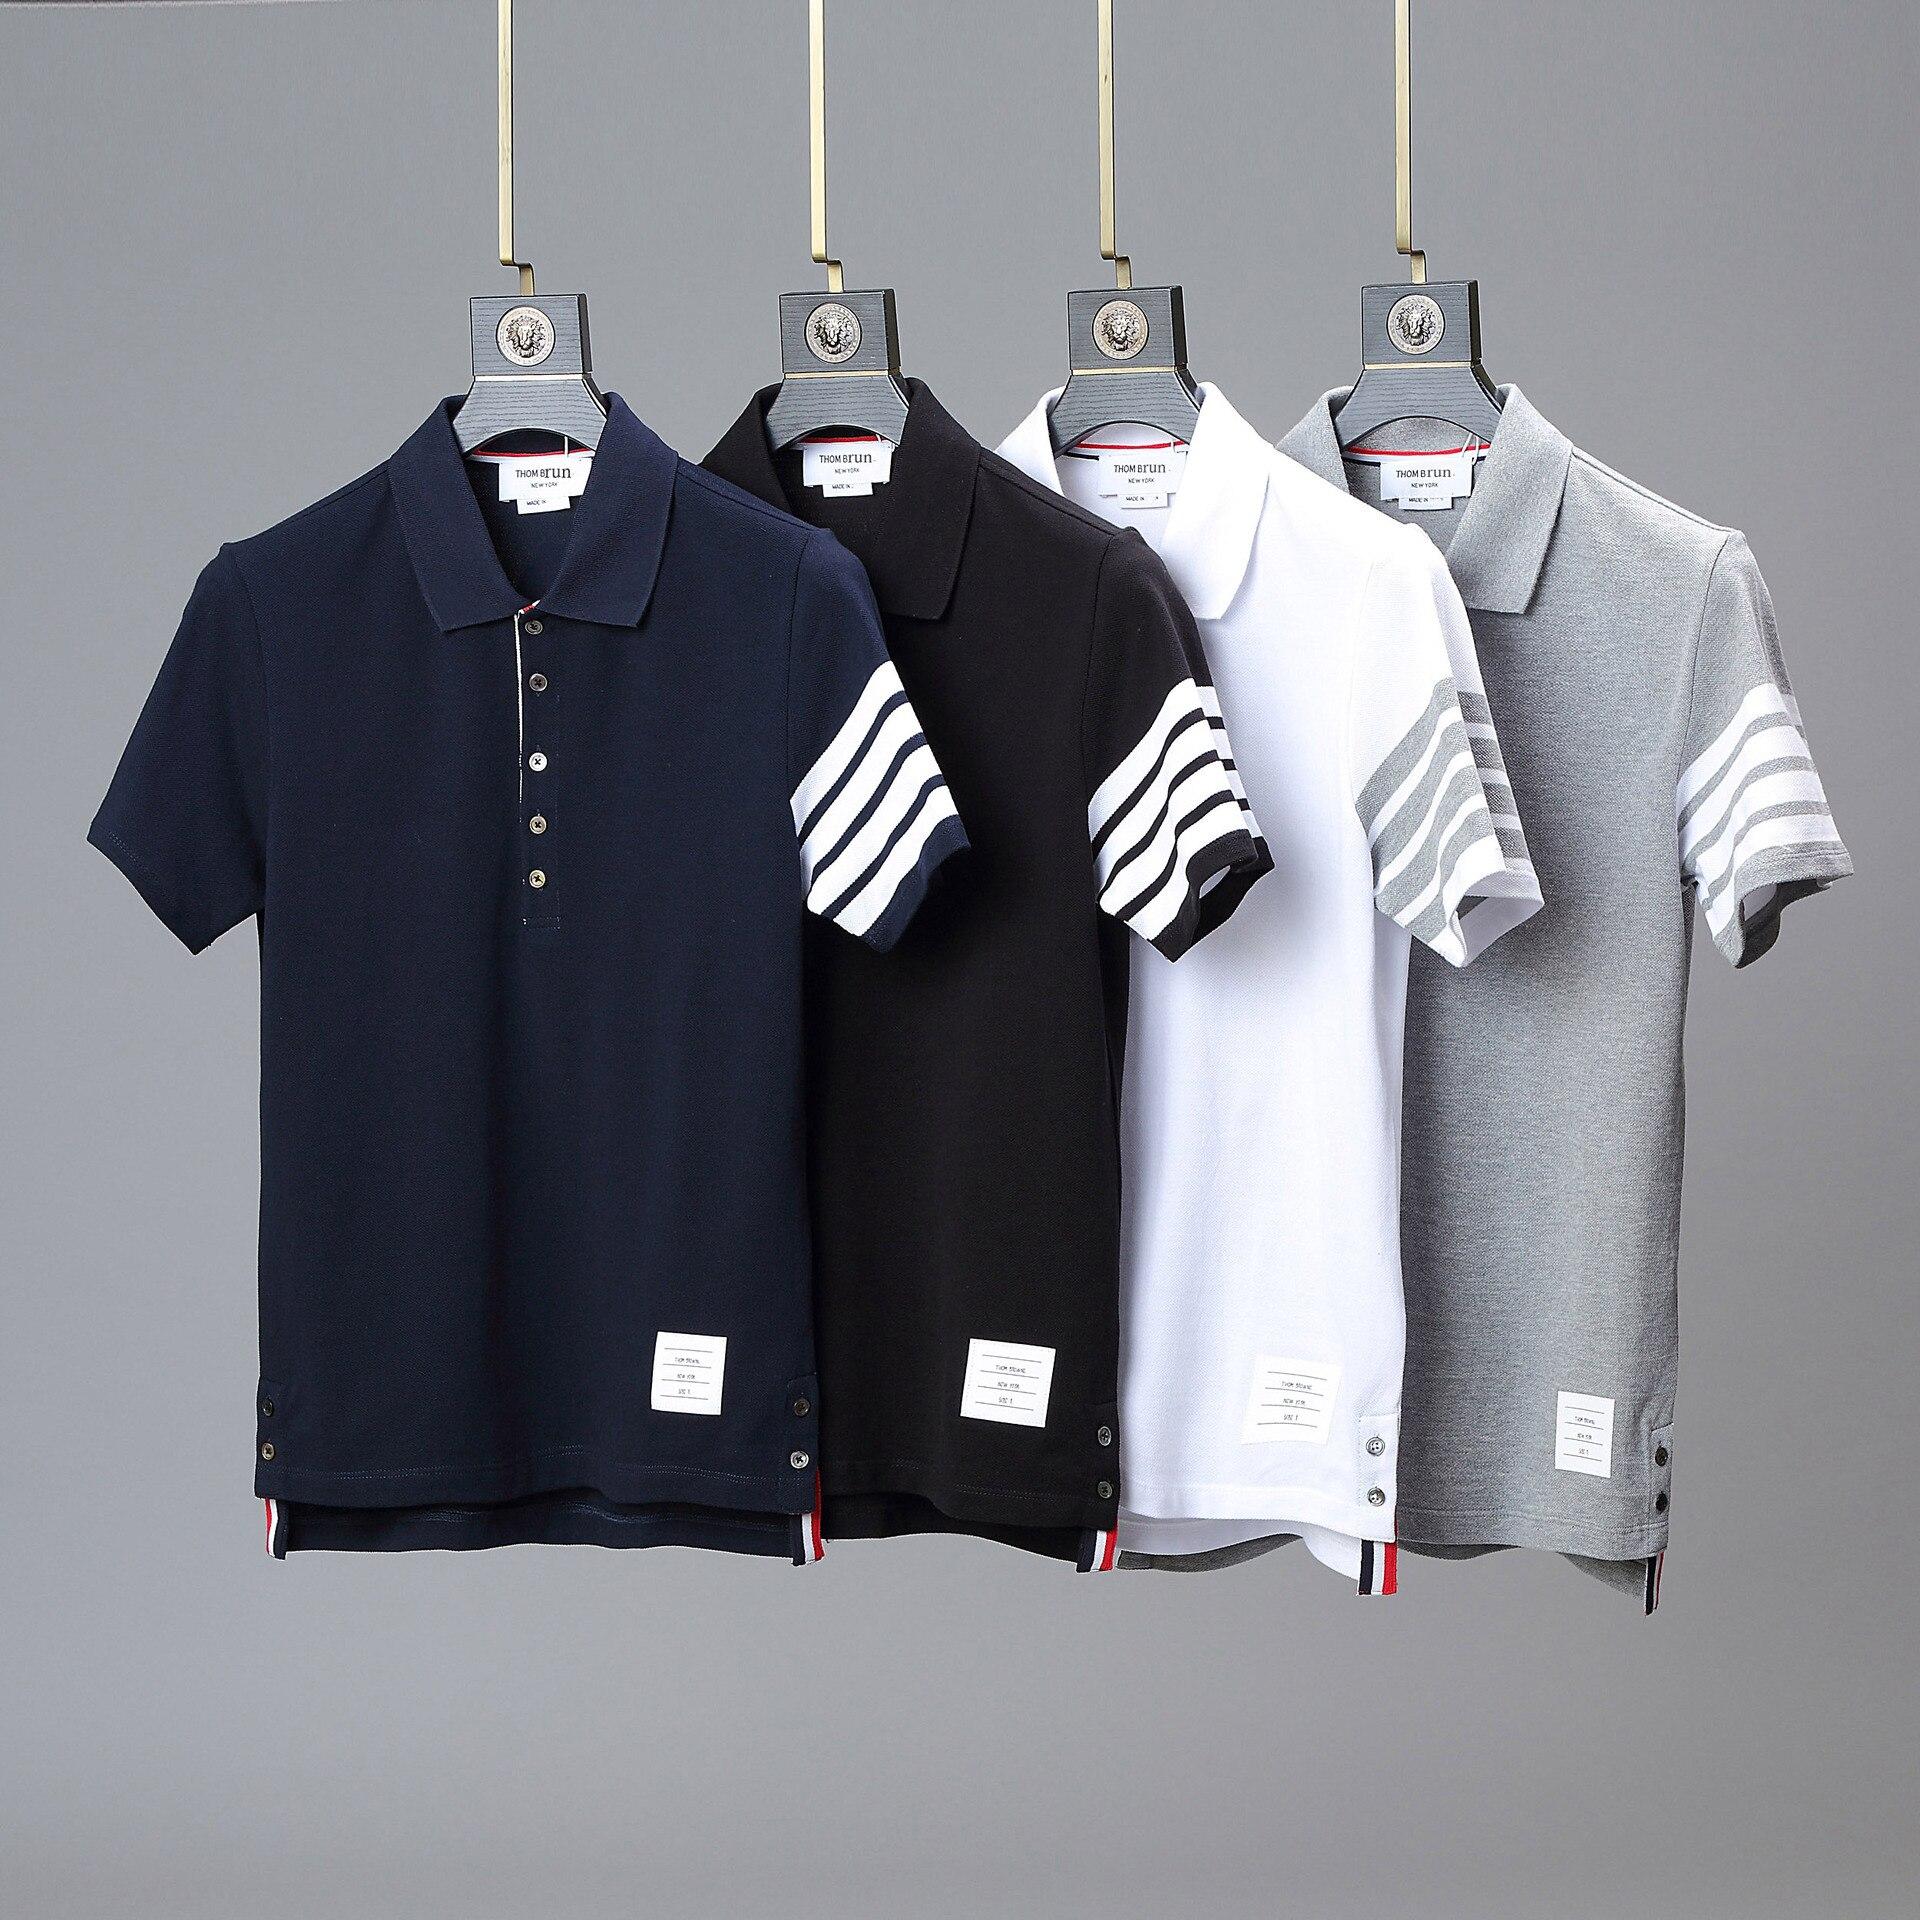 Рубашка-поло TB THOM для мужчин и женщин, брендовая хлопковая приталенная блузка в полоску с коротким рукавом, корейский дизайн, для пар